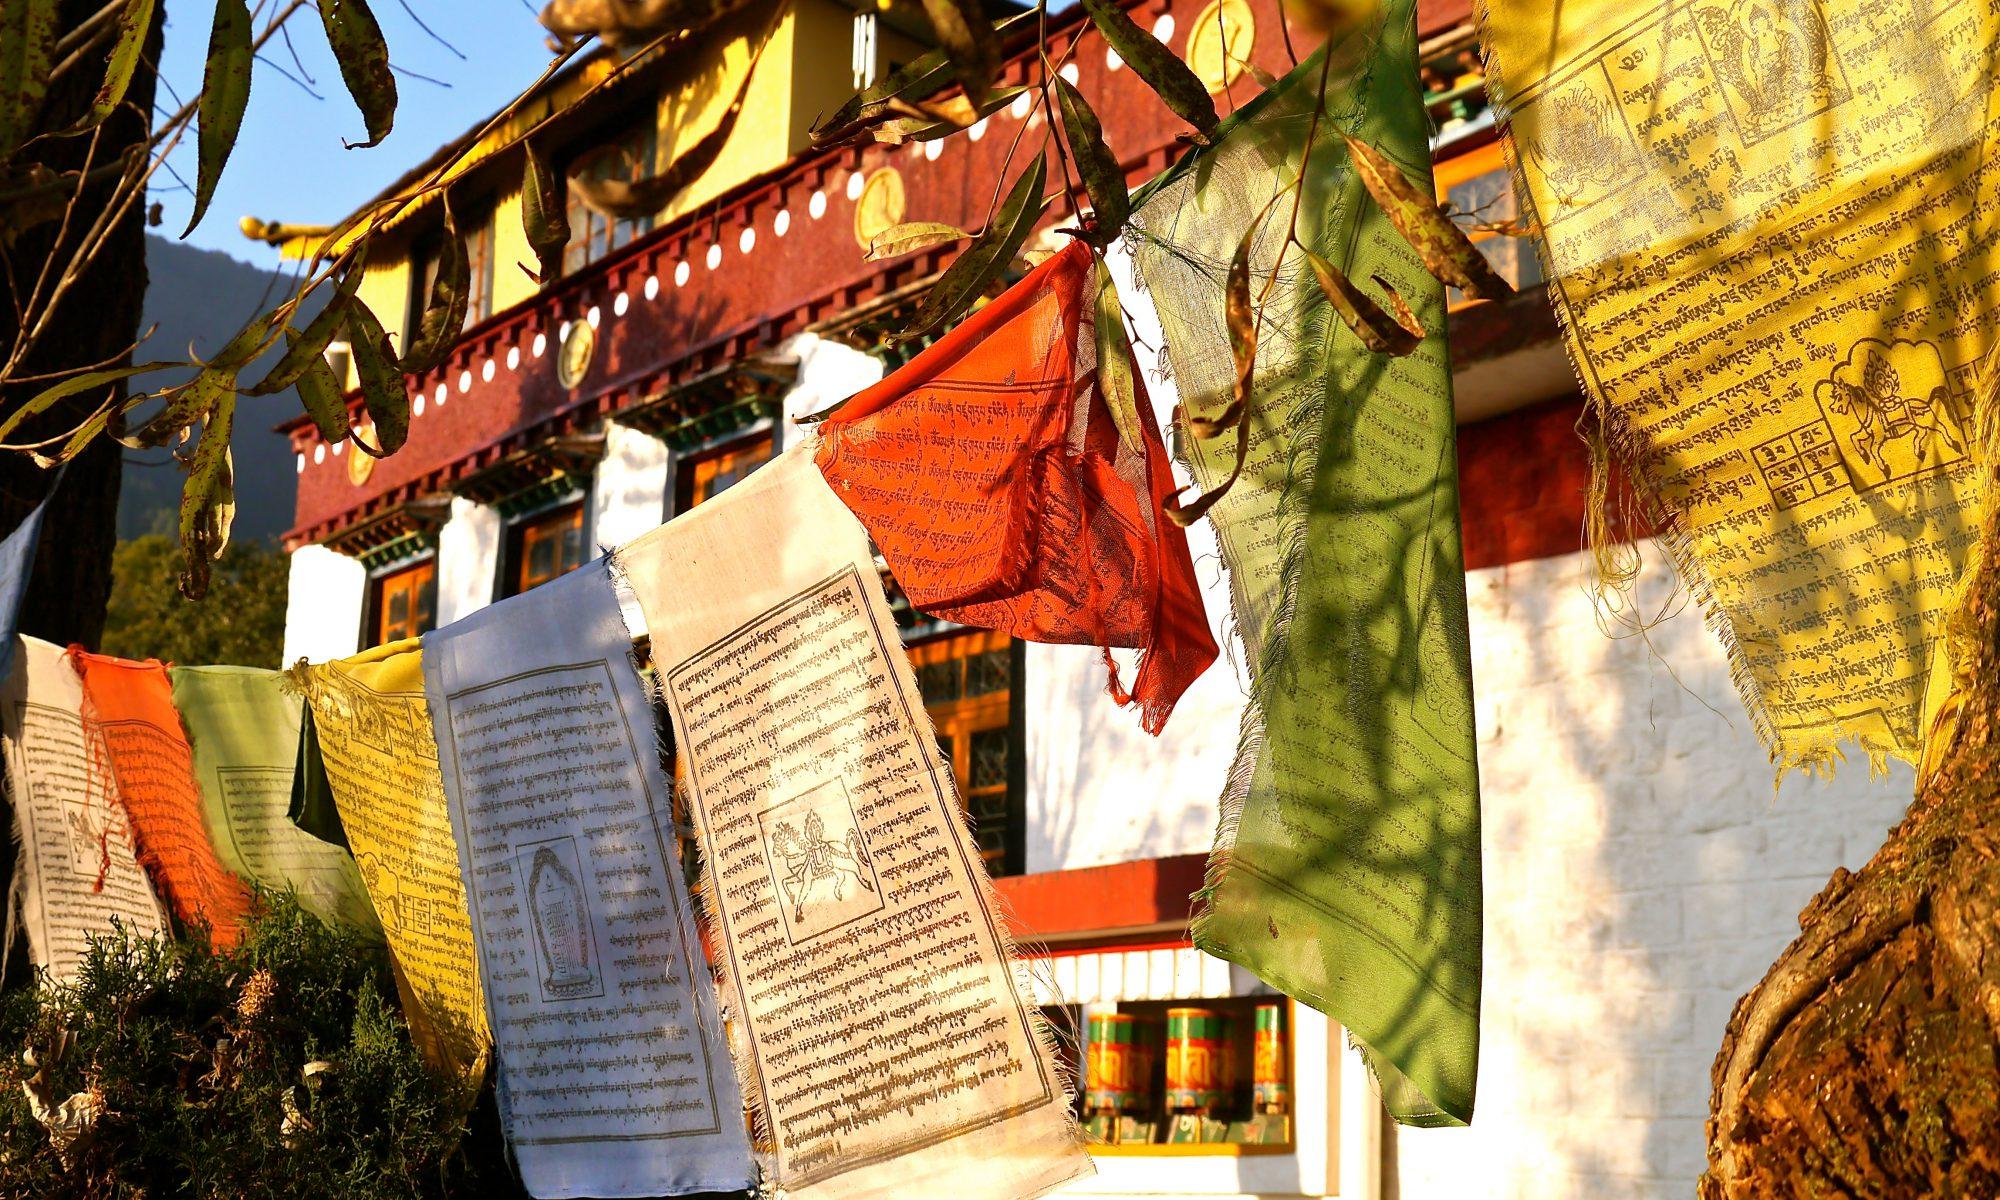 1_-_Tsekchoelling_Monastery_-_Dharamsala__India-2.jpg